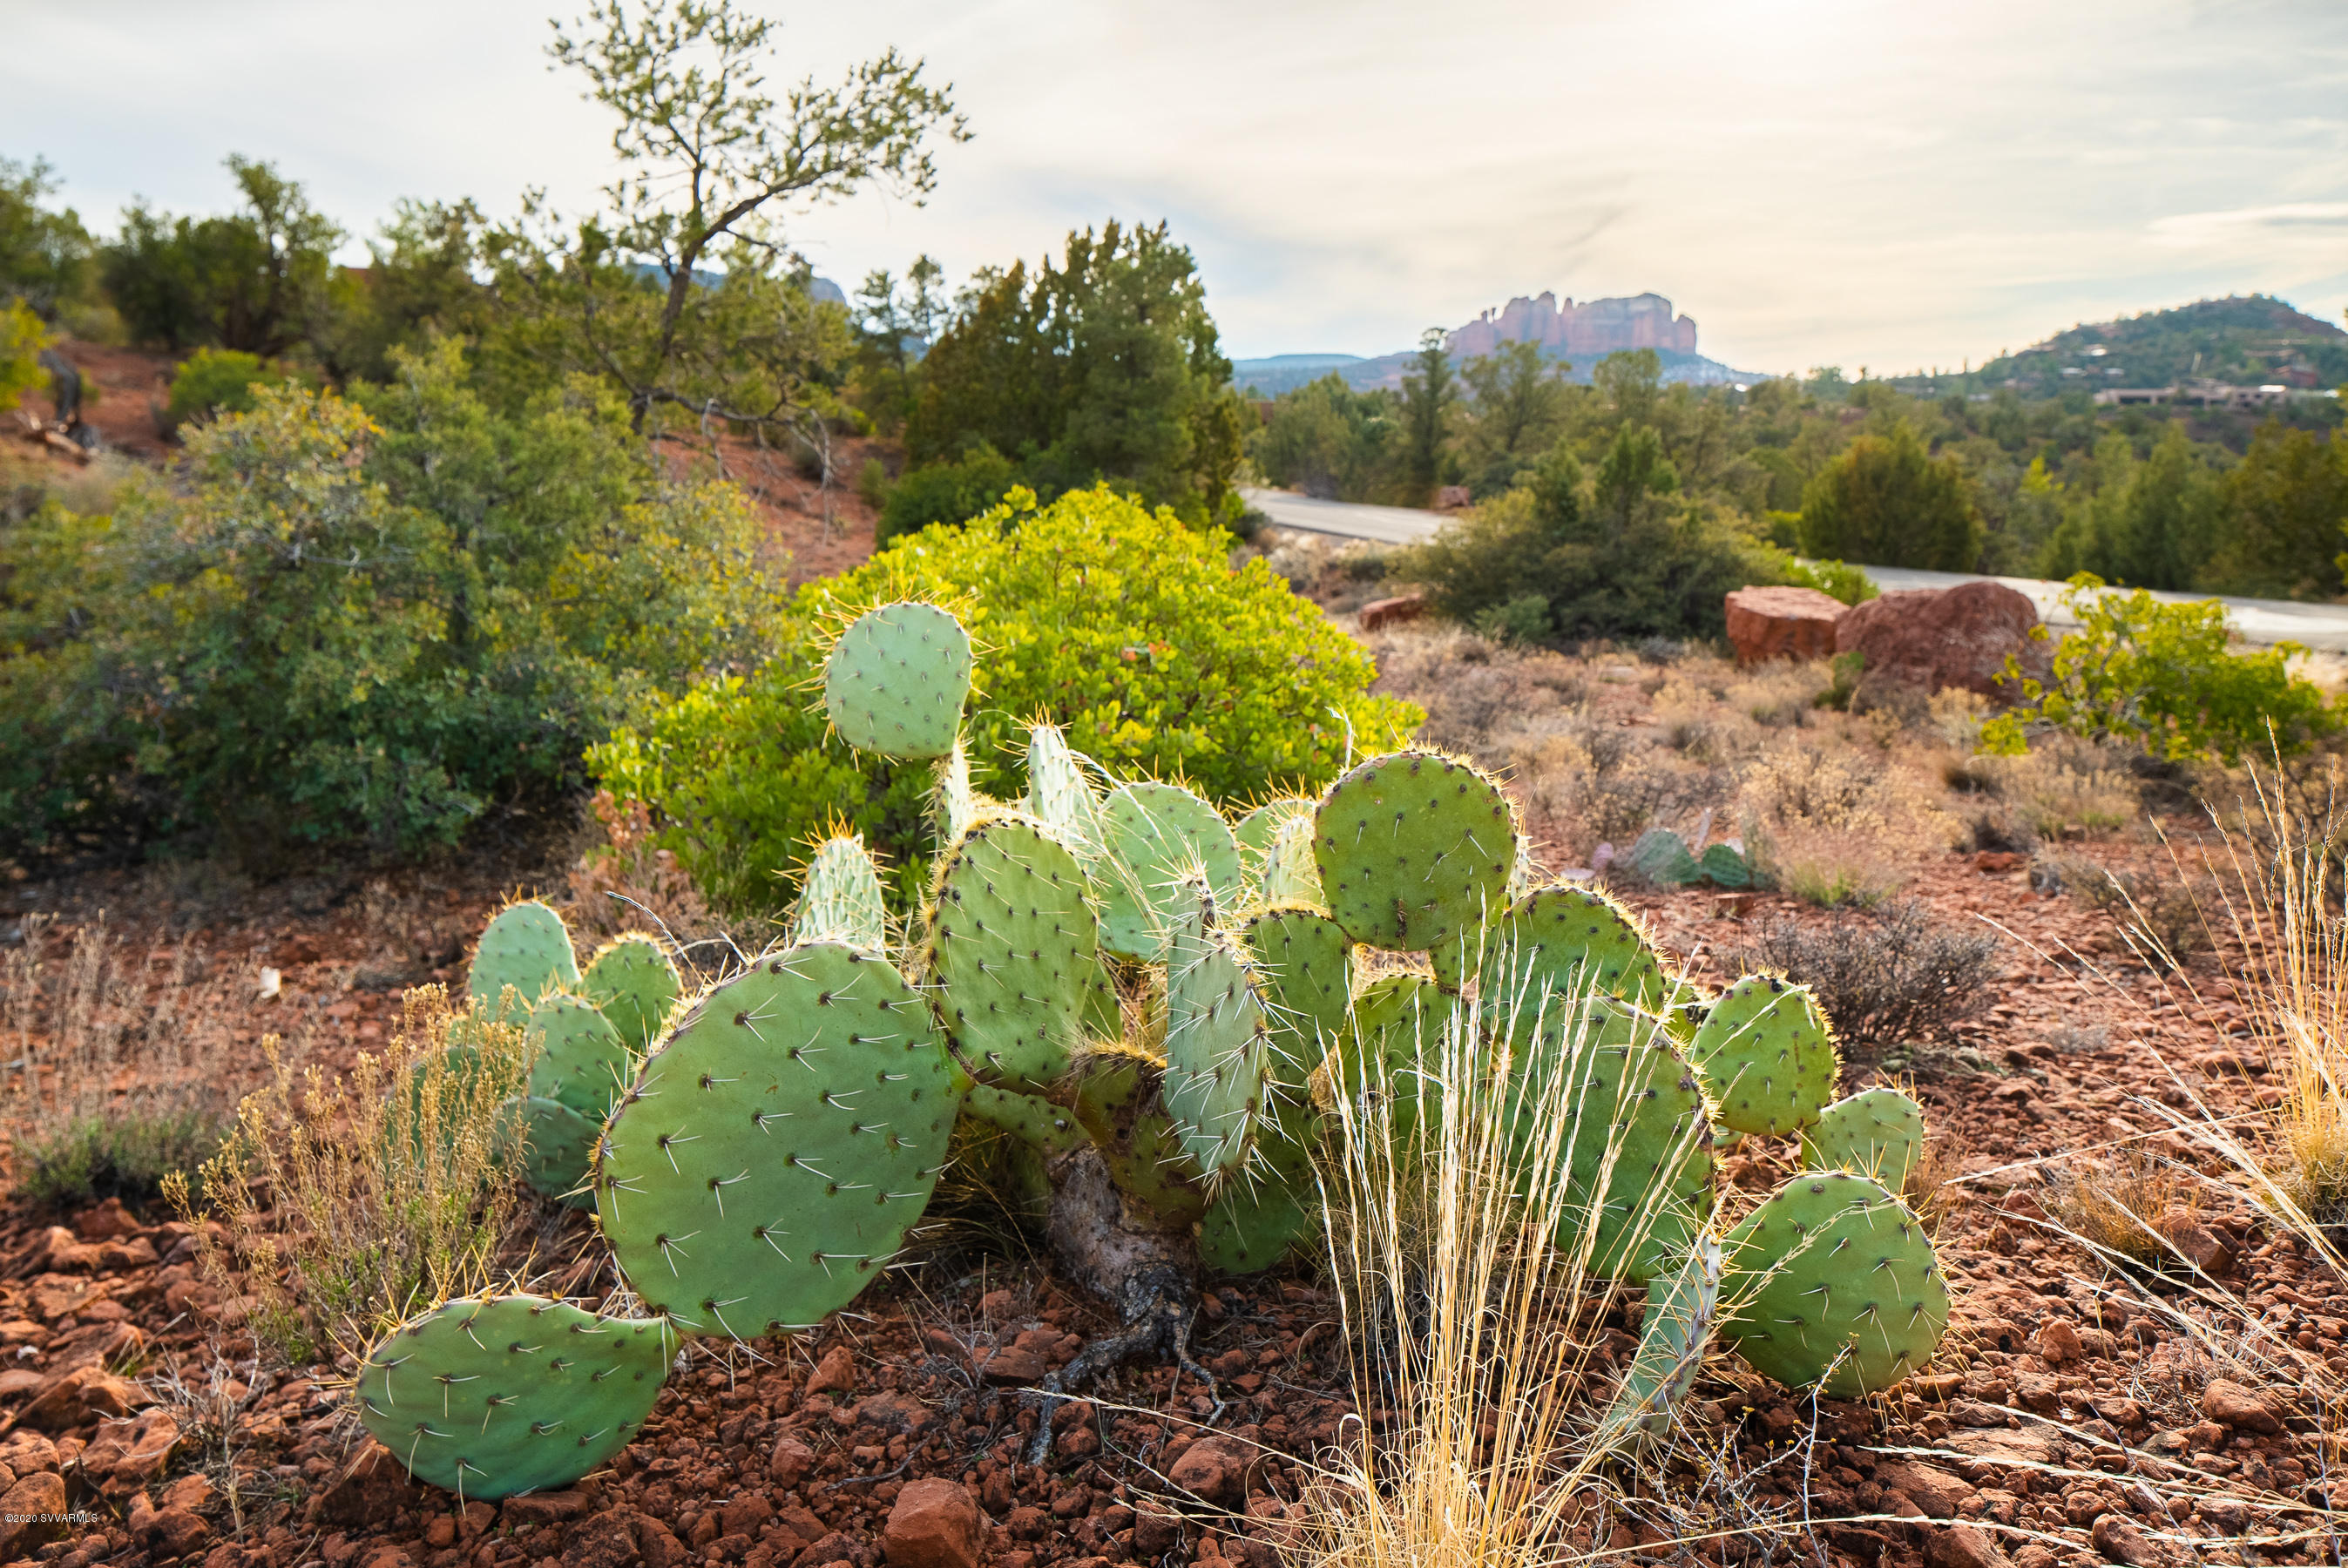 413 Acacia Sedona, AZ 86336